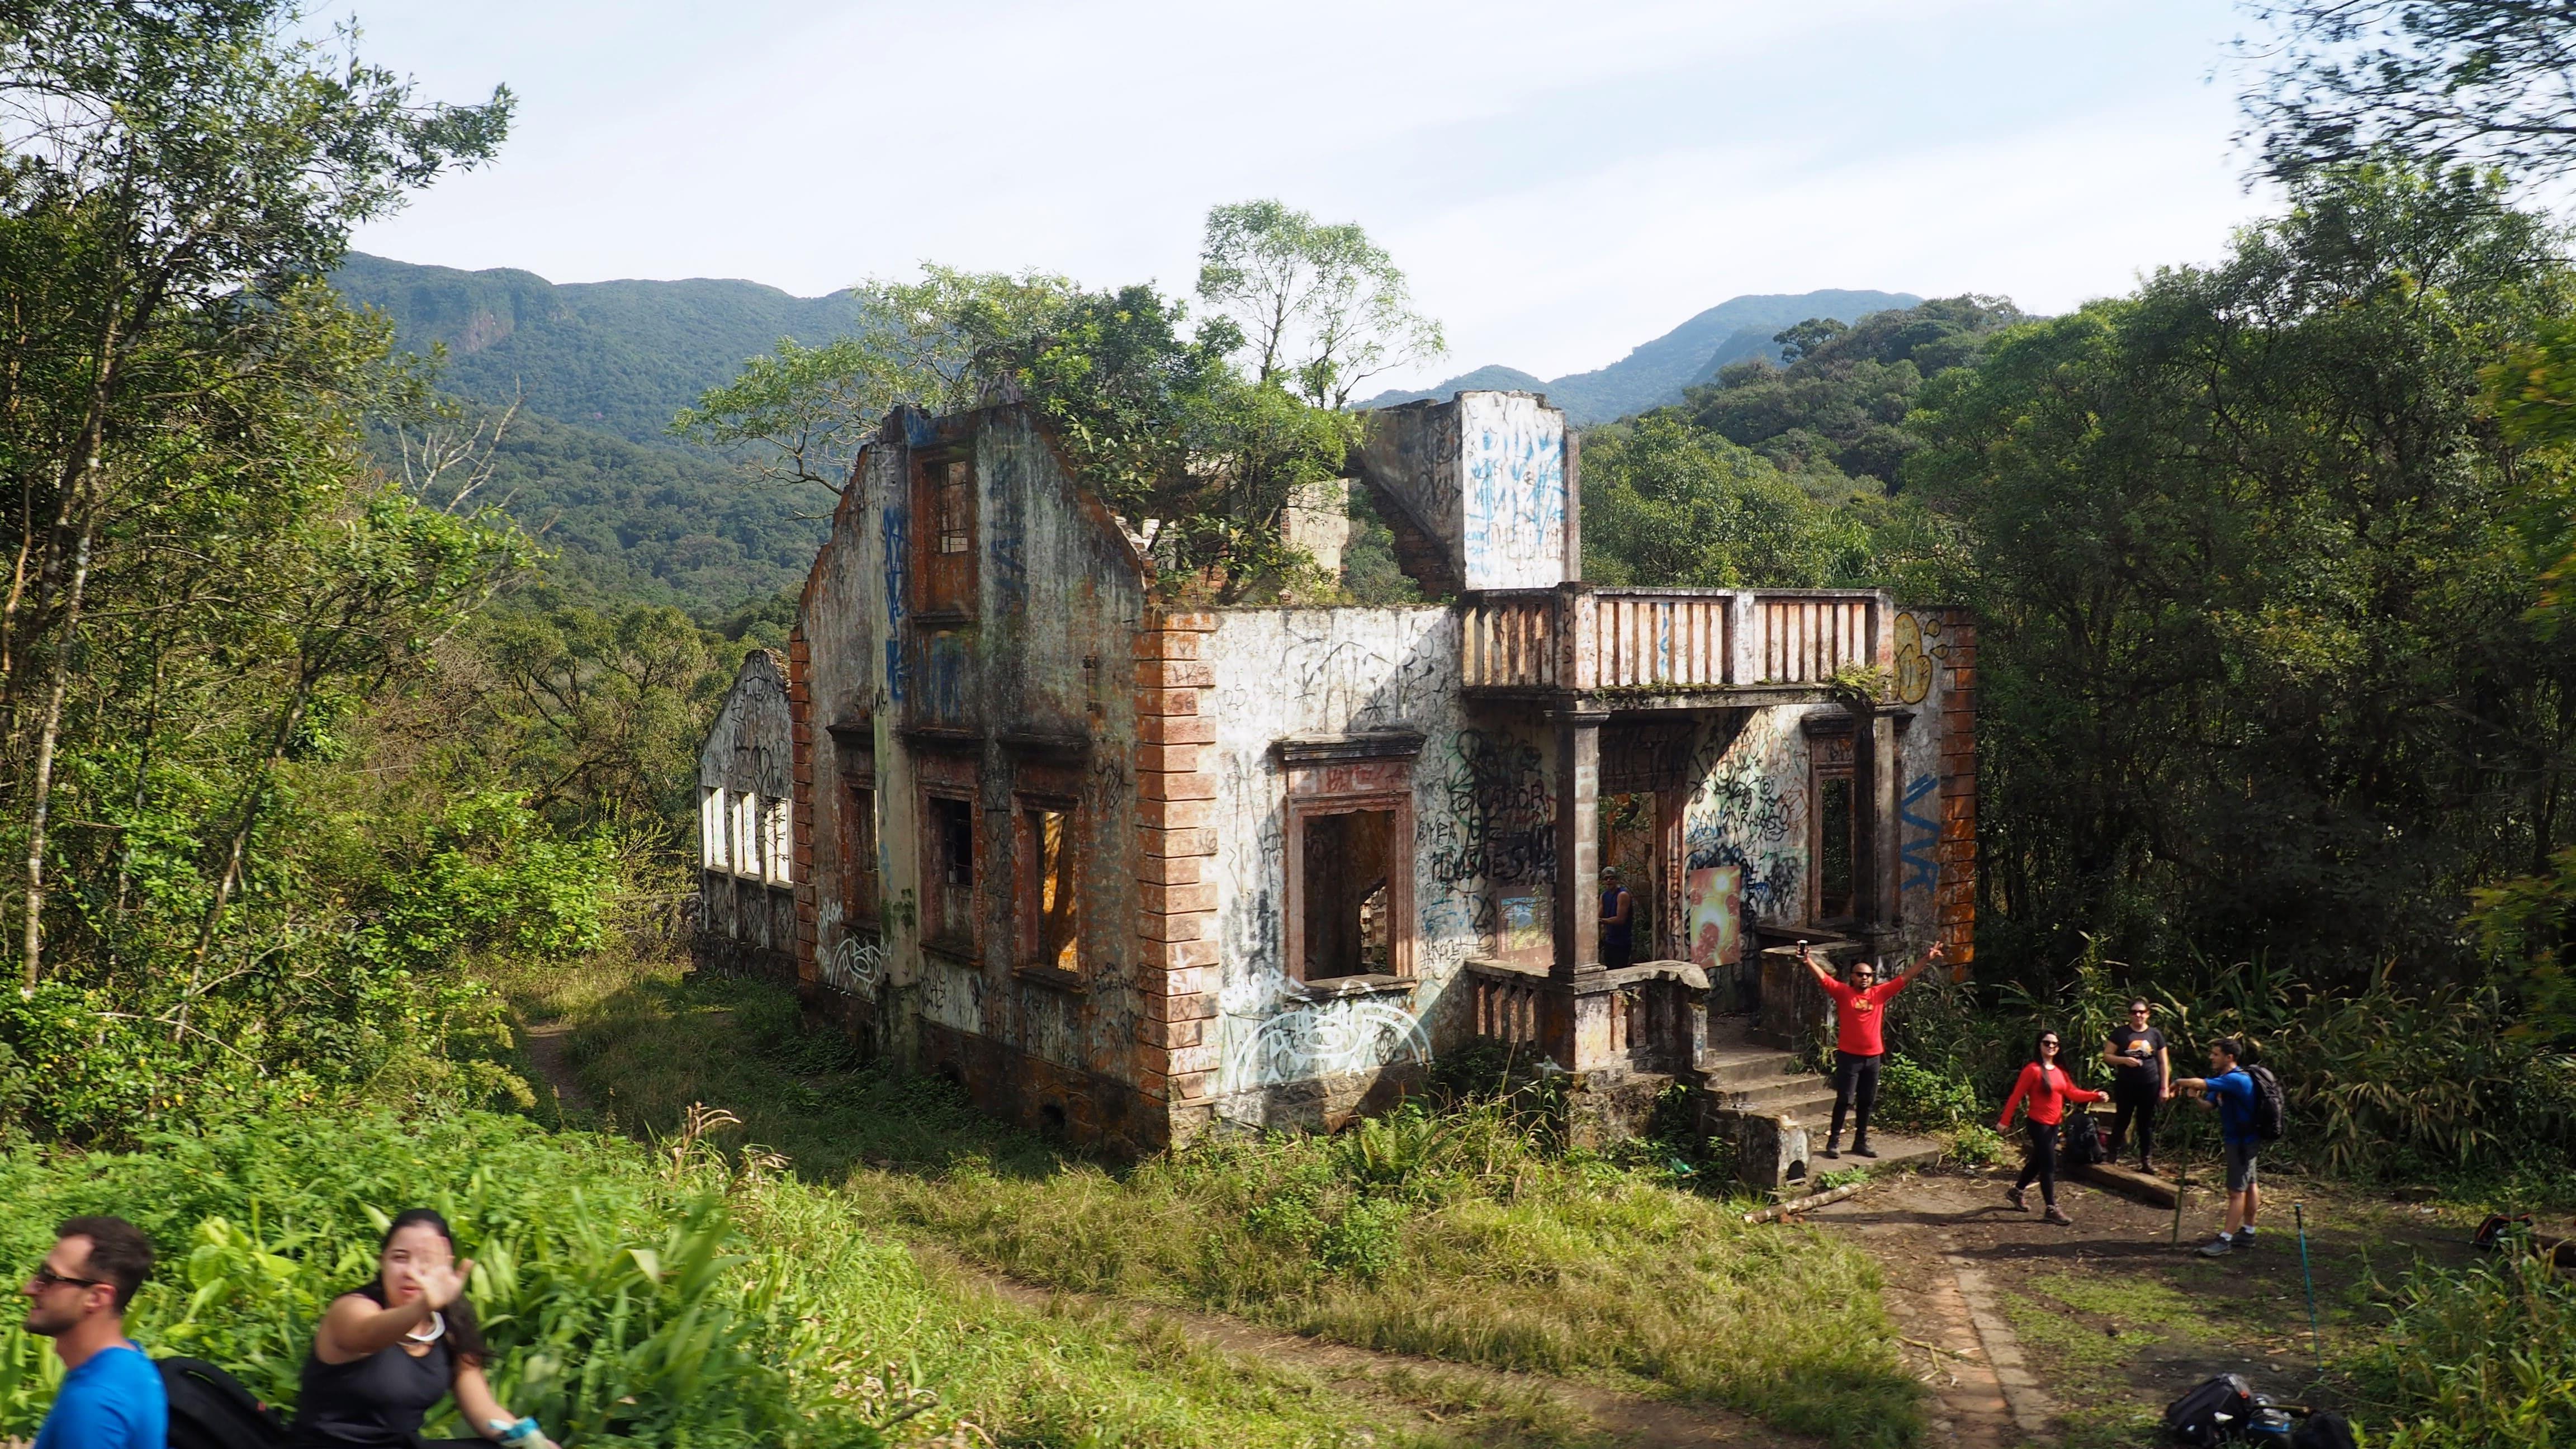 Casas antiguas a lo largo del trayecto del Serra Verde Express, el tren turístico de Curitiba